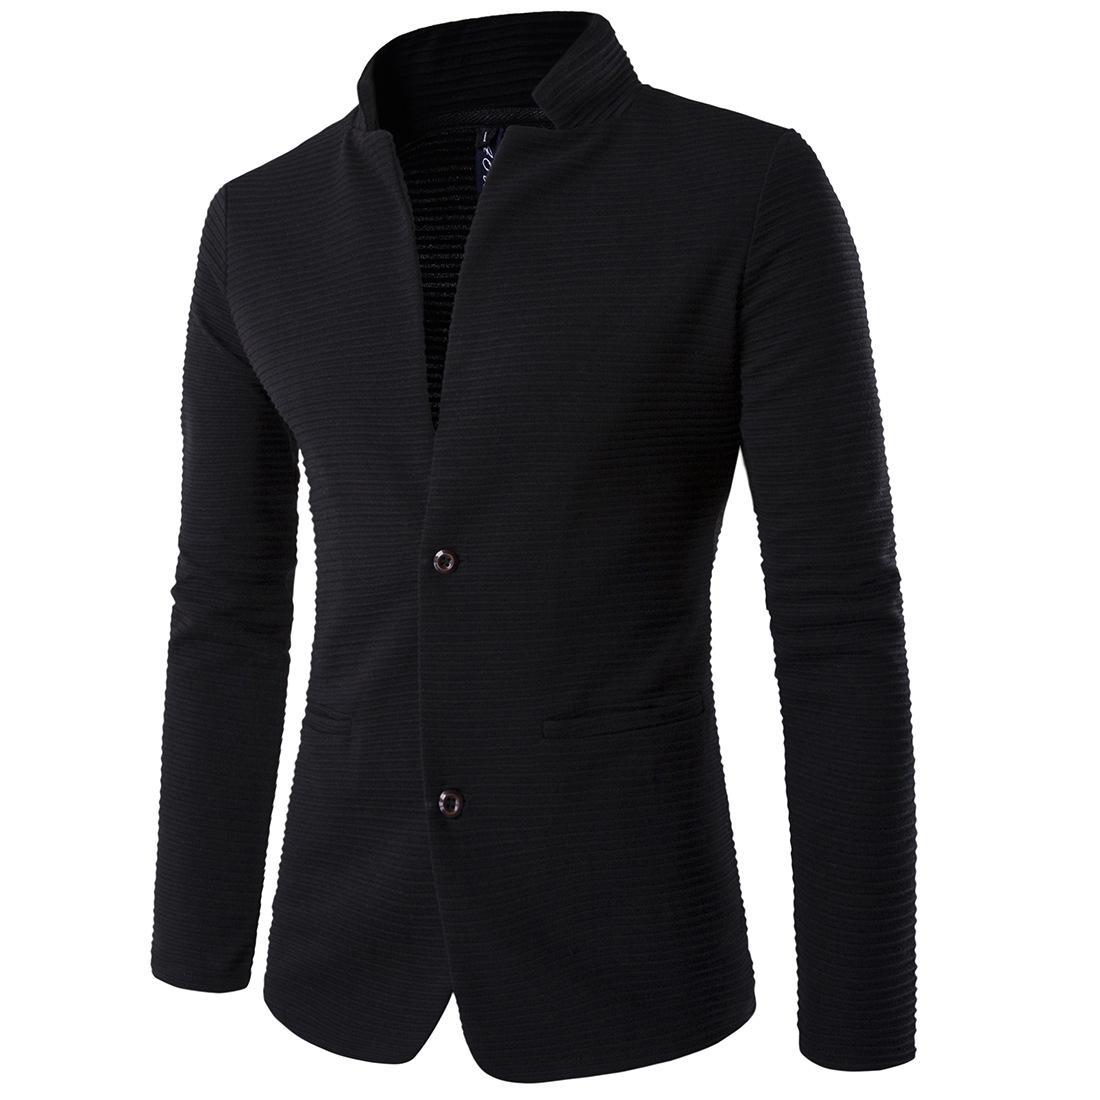 3e36b800c Brand Clothing Casual Blazers Men Fashion Plus Size Business Slim Fit  Jacket Suits Masculine Blazer Coat Button Suit Furry Black Coat Denim  Jacket Fleece ...